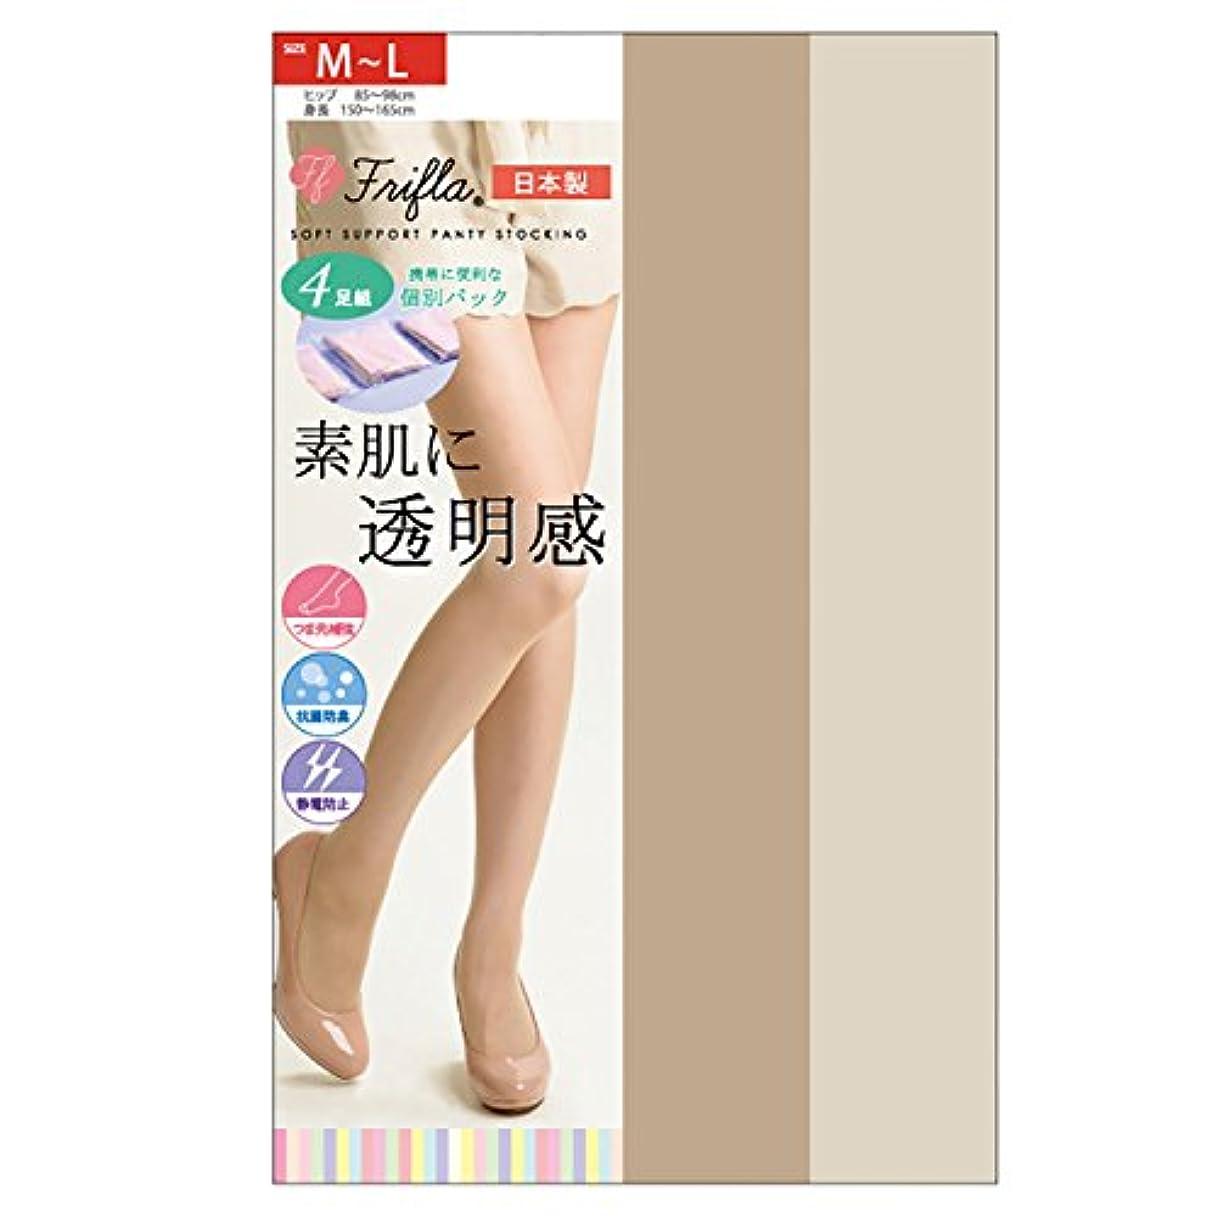 トチの実の木公然とマークされた素肌に透明感 ソフトサポートタイプ 交編ストッキング 4足組 日本製-素肌感 個包装 抗菌防臭 静電気防止 M-L L-LL パンスト (M-L, ピュアベージュ)